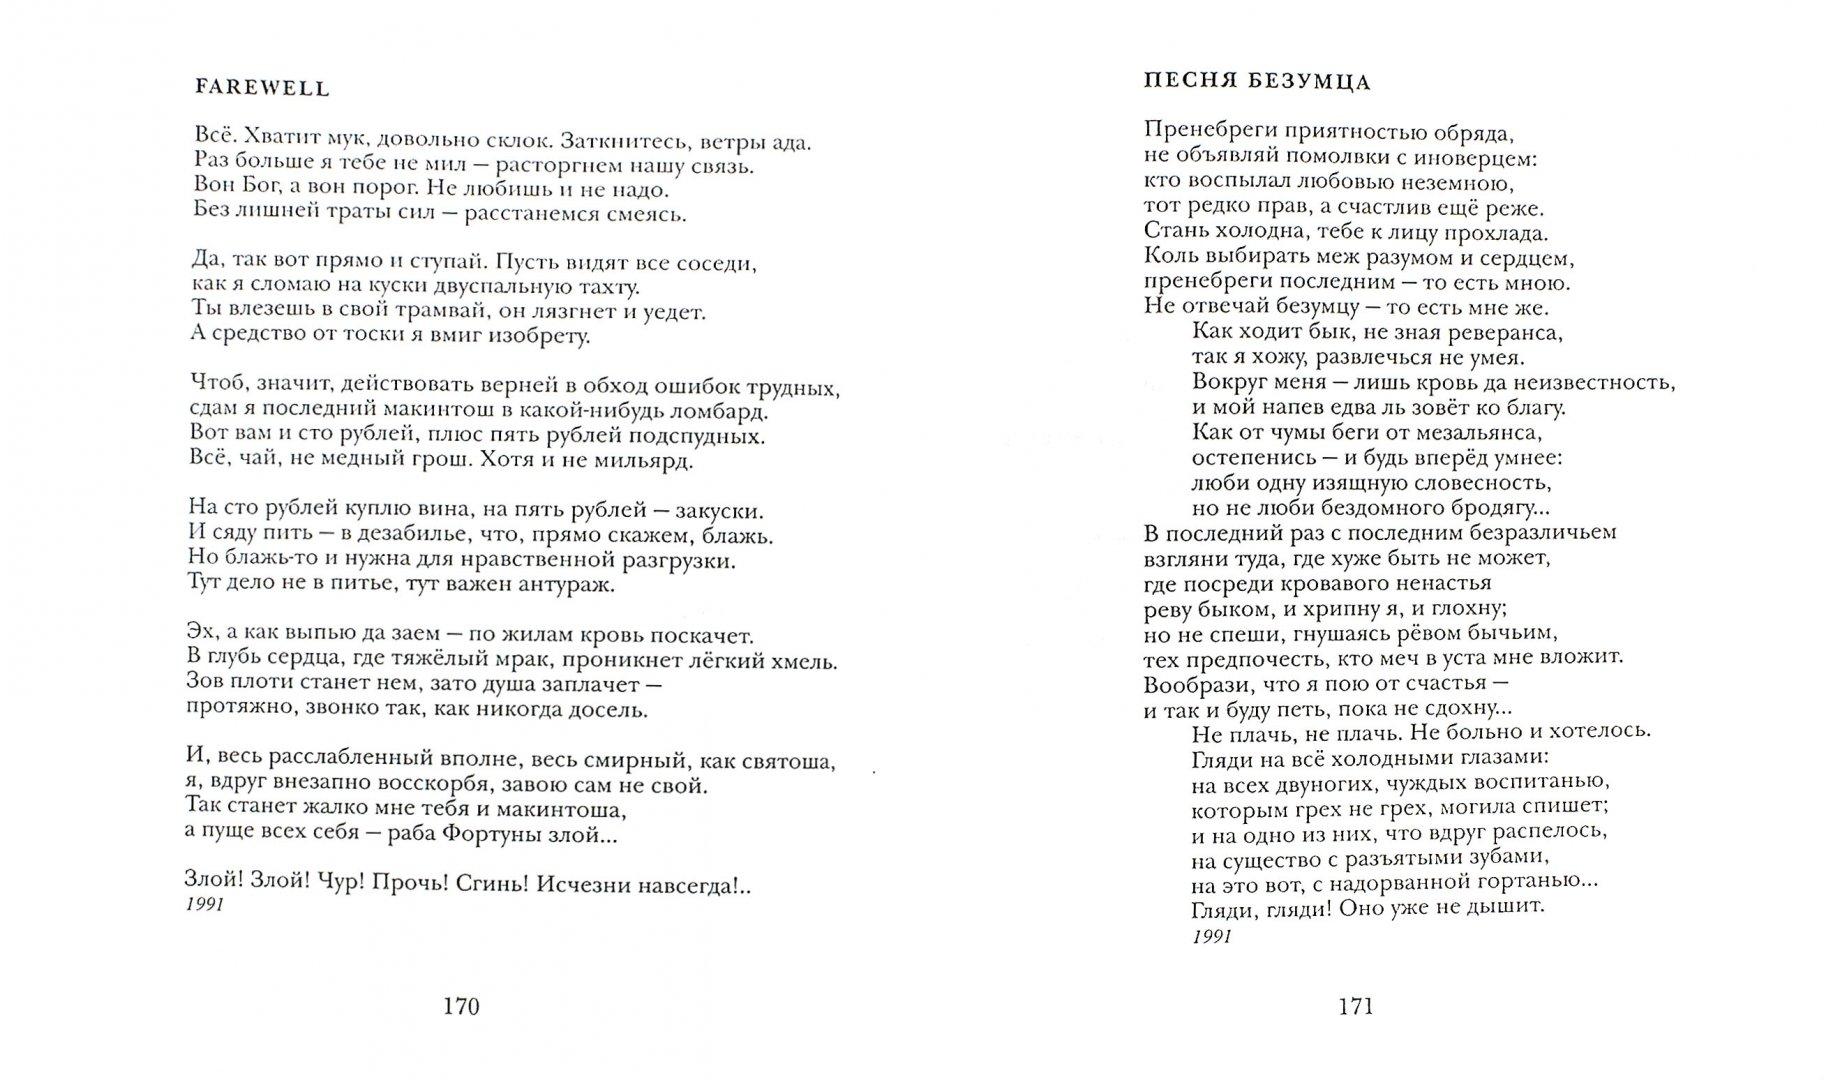 Иллюстрация 1 из 5 для Тринадцать дисков. Тексты песен - Михаил Щербаков | Лабиринт - книги. Источник: Лабиринт